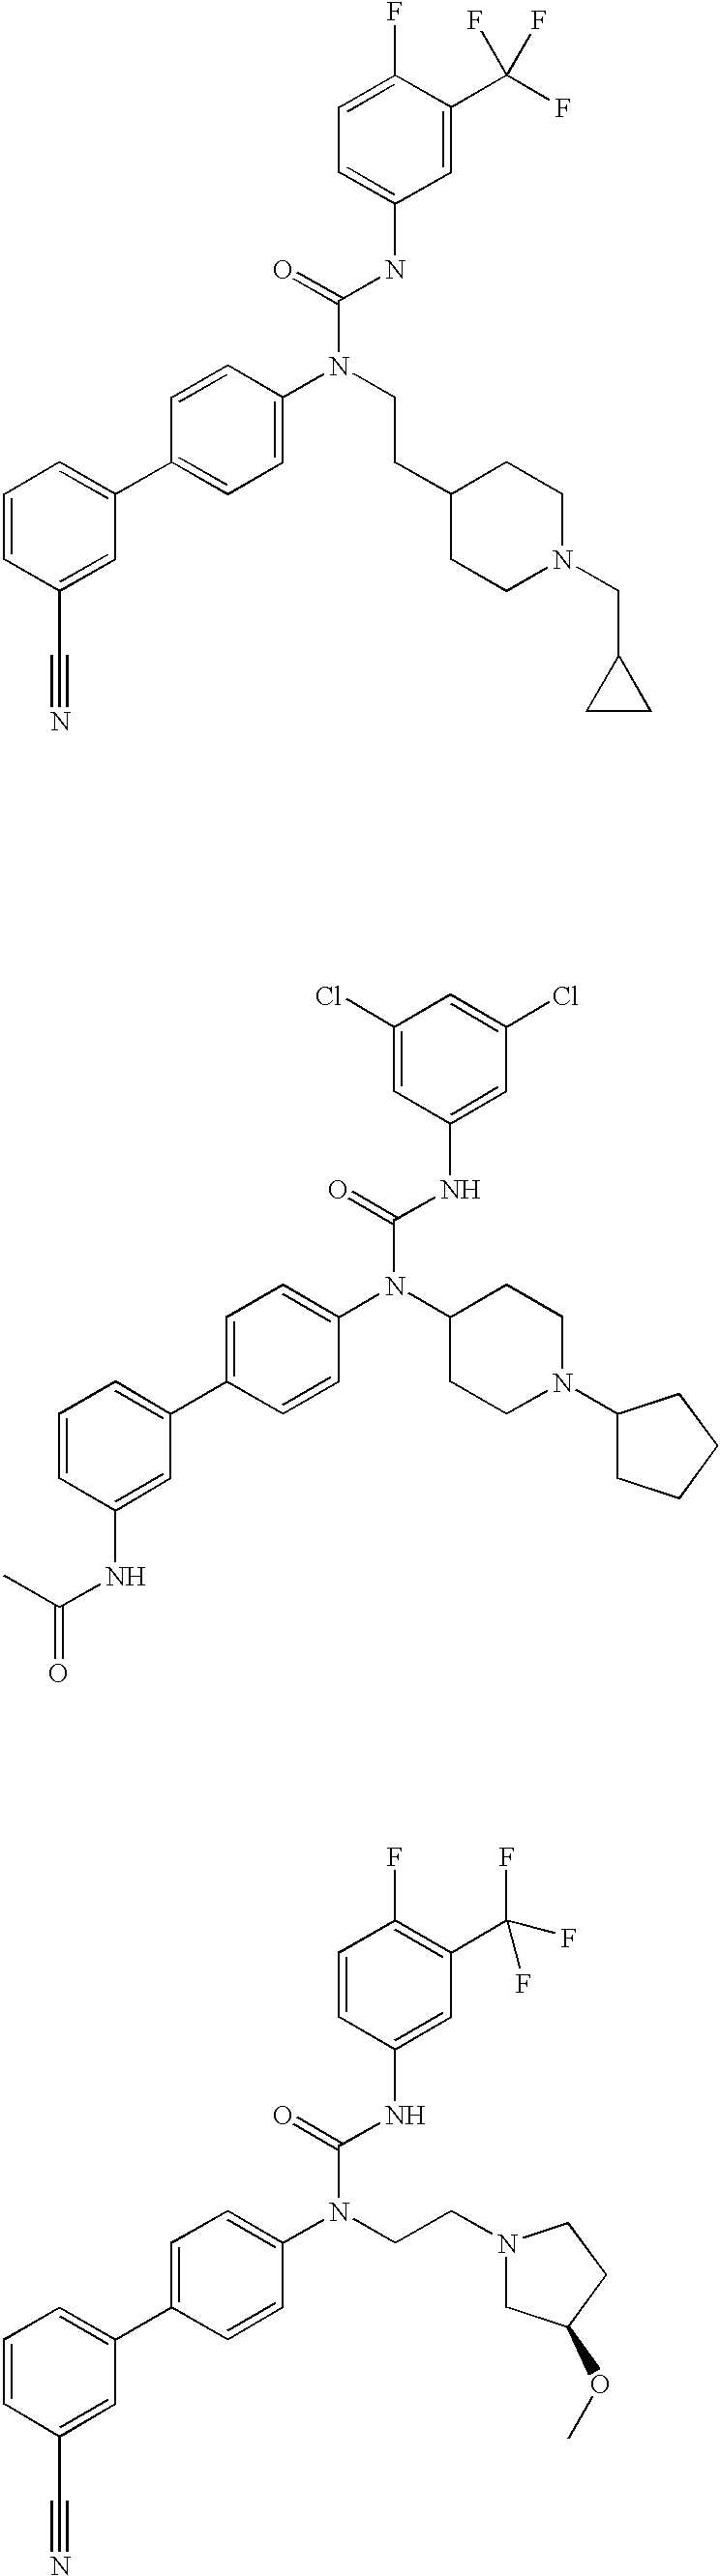 Figure US20030022891A1-20030130-C00296